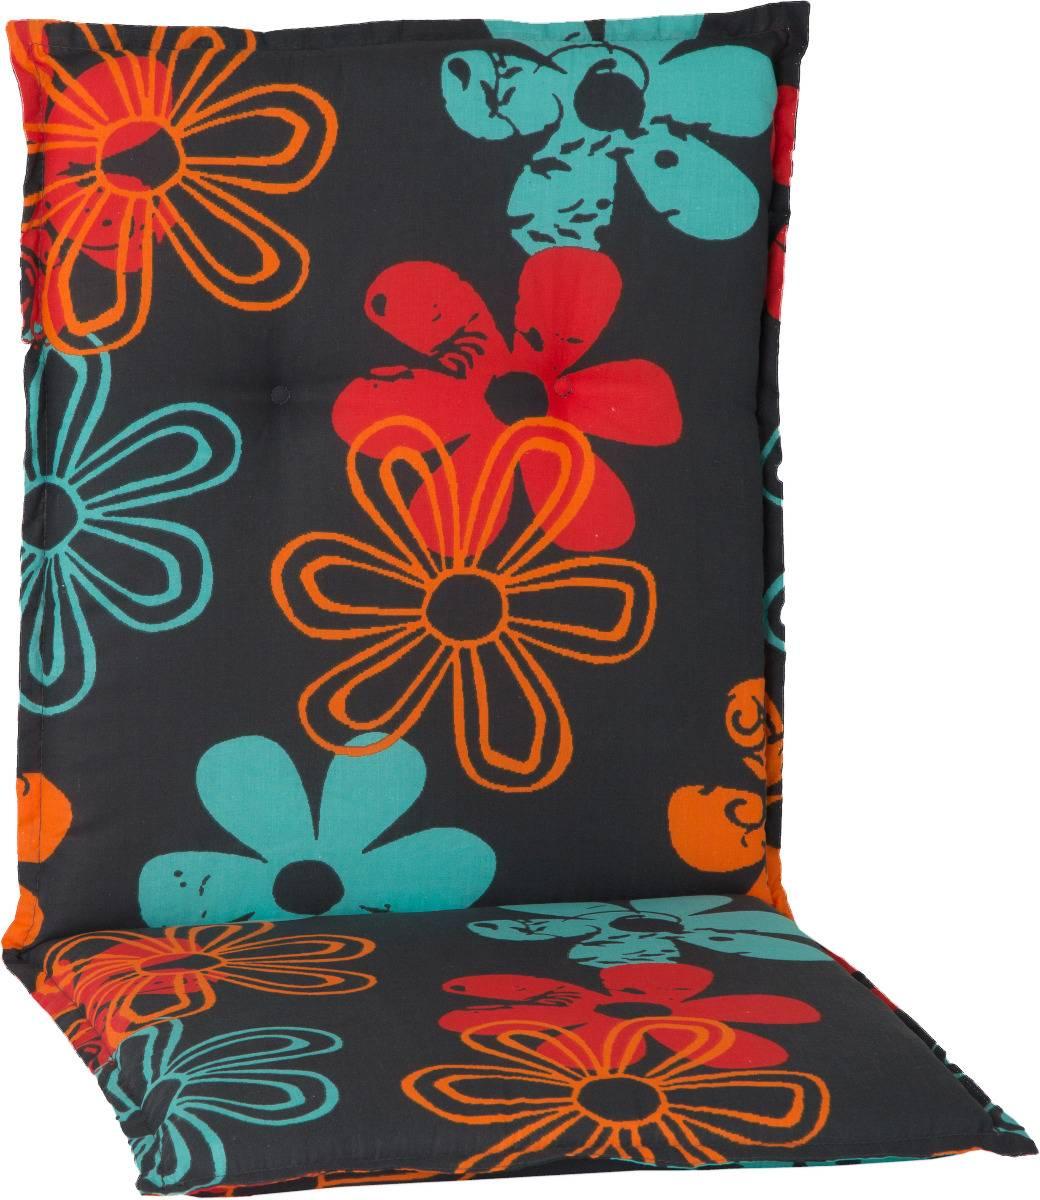 Gartenmöbel Auflage für Niederlehner in Blumen orange türkis rot